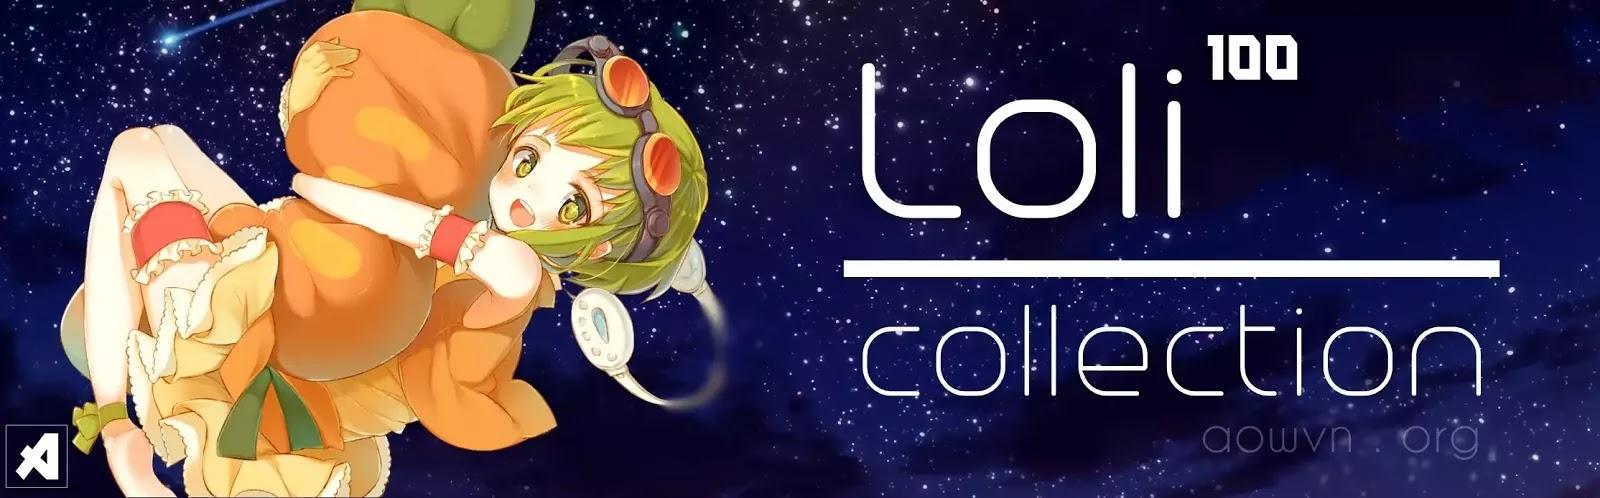 AowVN.org m loli - [ Hình Nền ] Loli cực đẹp , cực độc Full HD | Anime Wallpaper